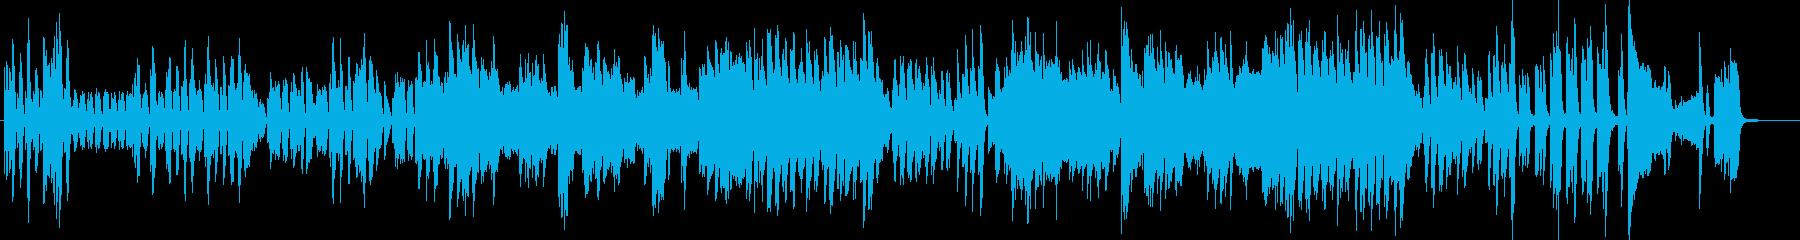 弾むリズム・リコーダーとピアノ・打楽器無の再生済みの波形